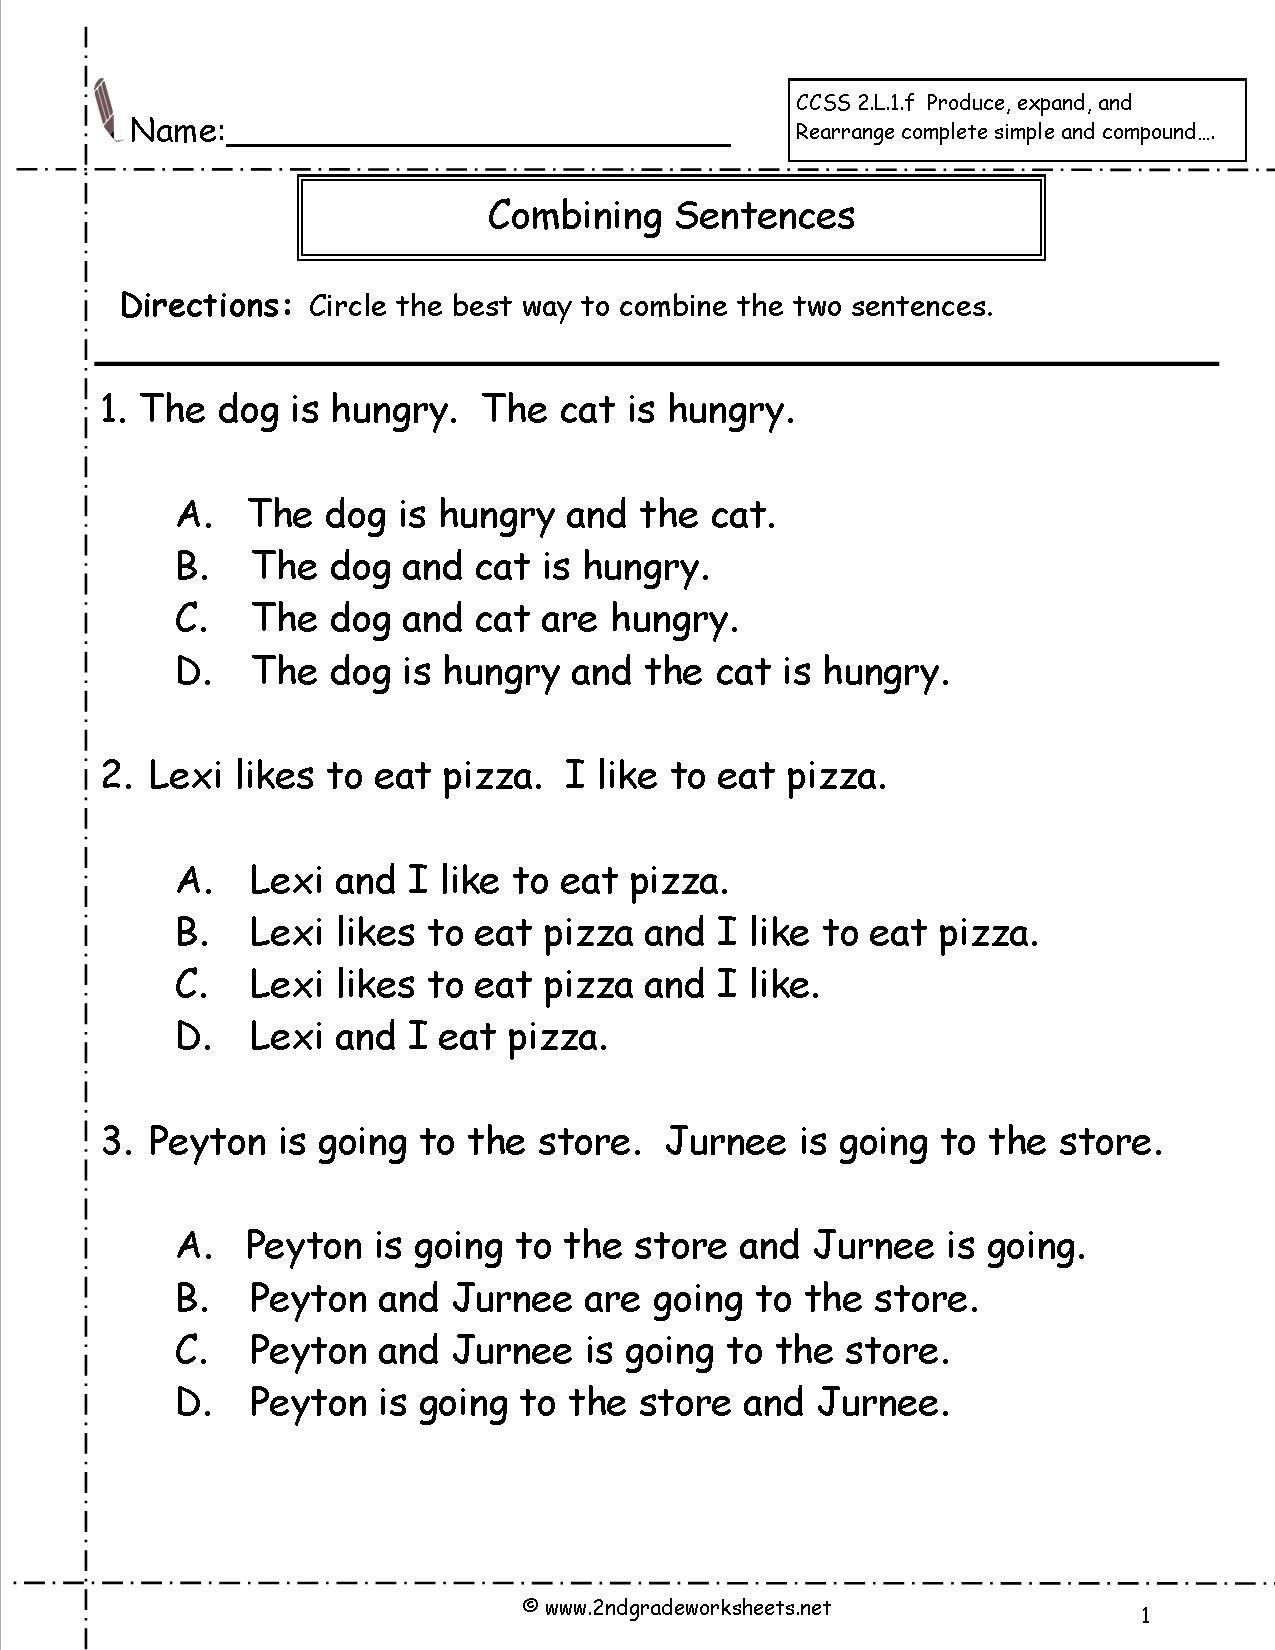 Second Grade Sentences Worksheets Ccss 2l1f Worksheets